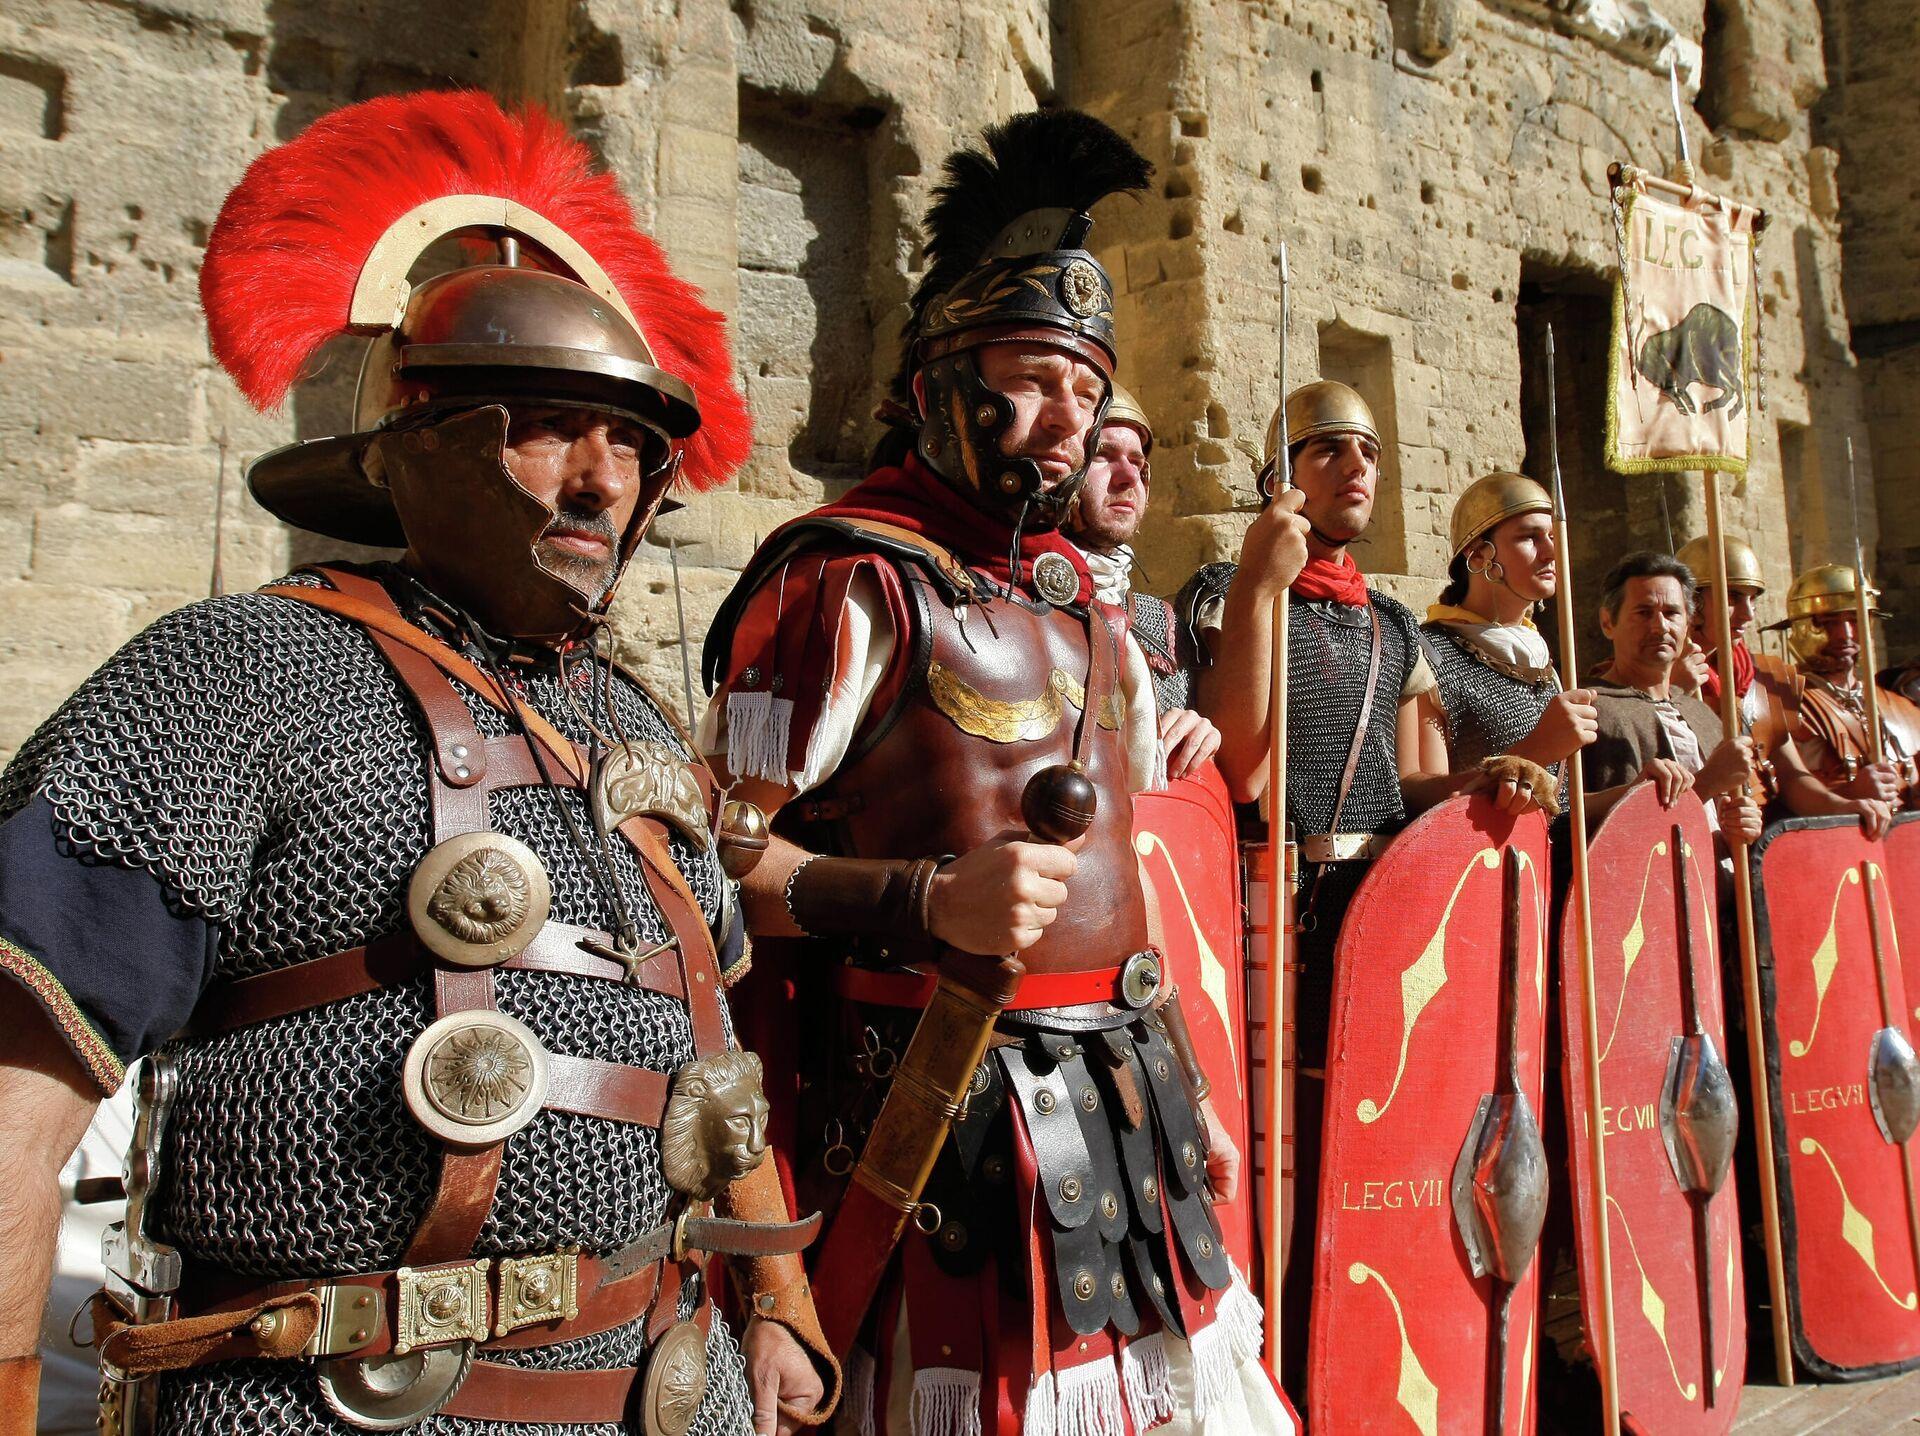 Актёры в костюмах римских легионеров - РИА Новости, 1920, 08.10.2021